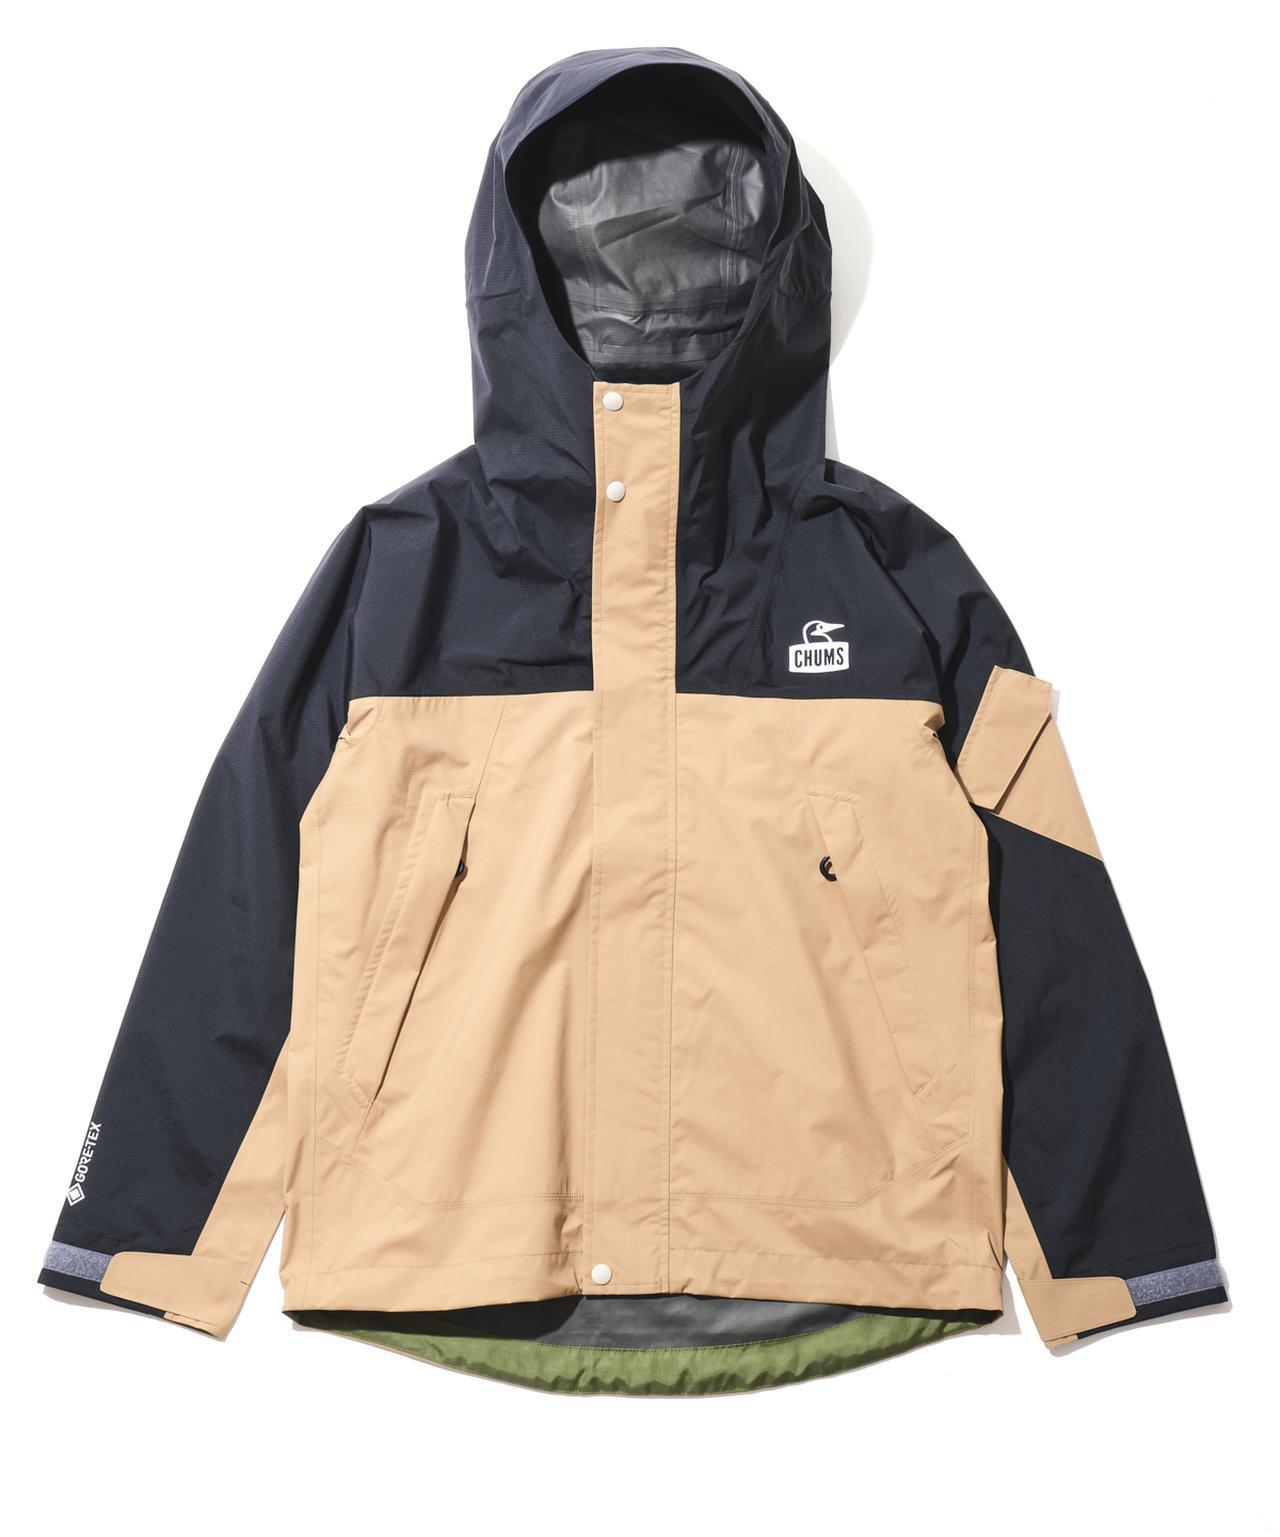 画像1: 街着としても着用しやすいシンプルなジャケット